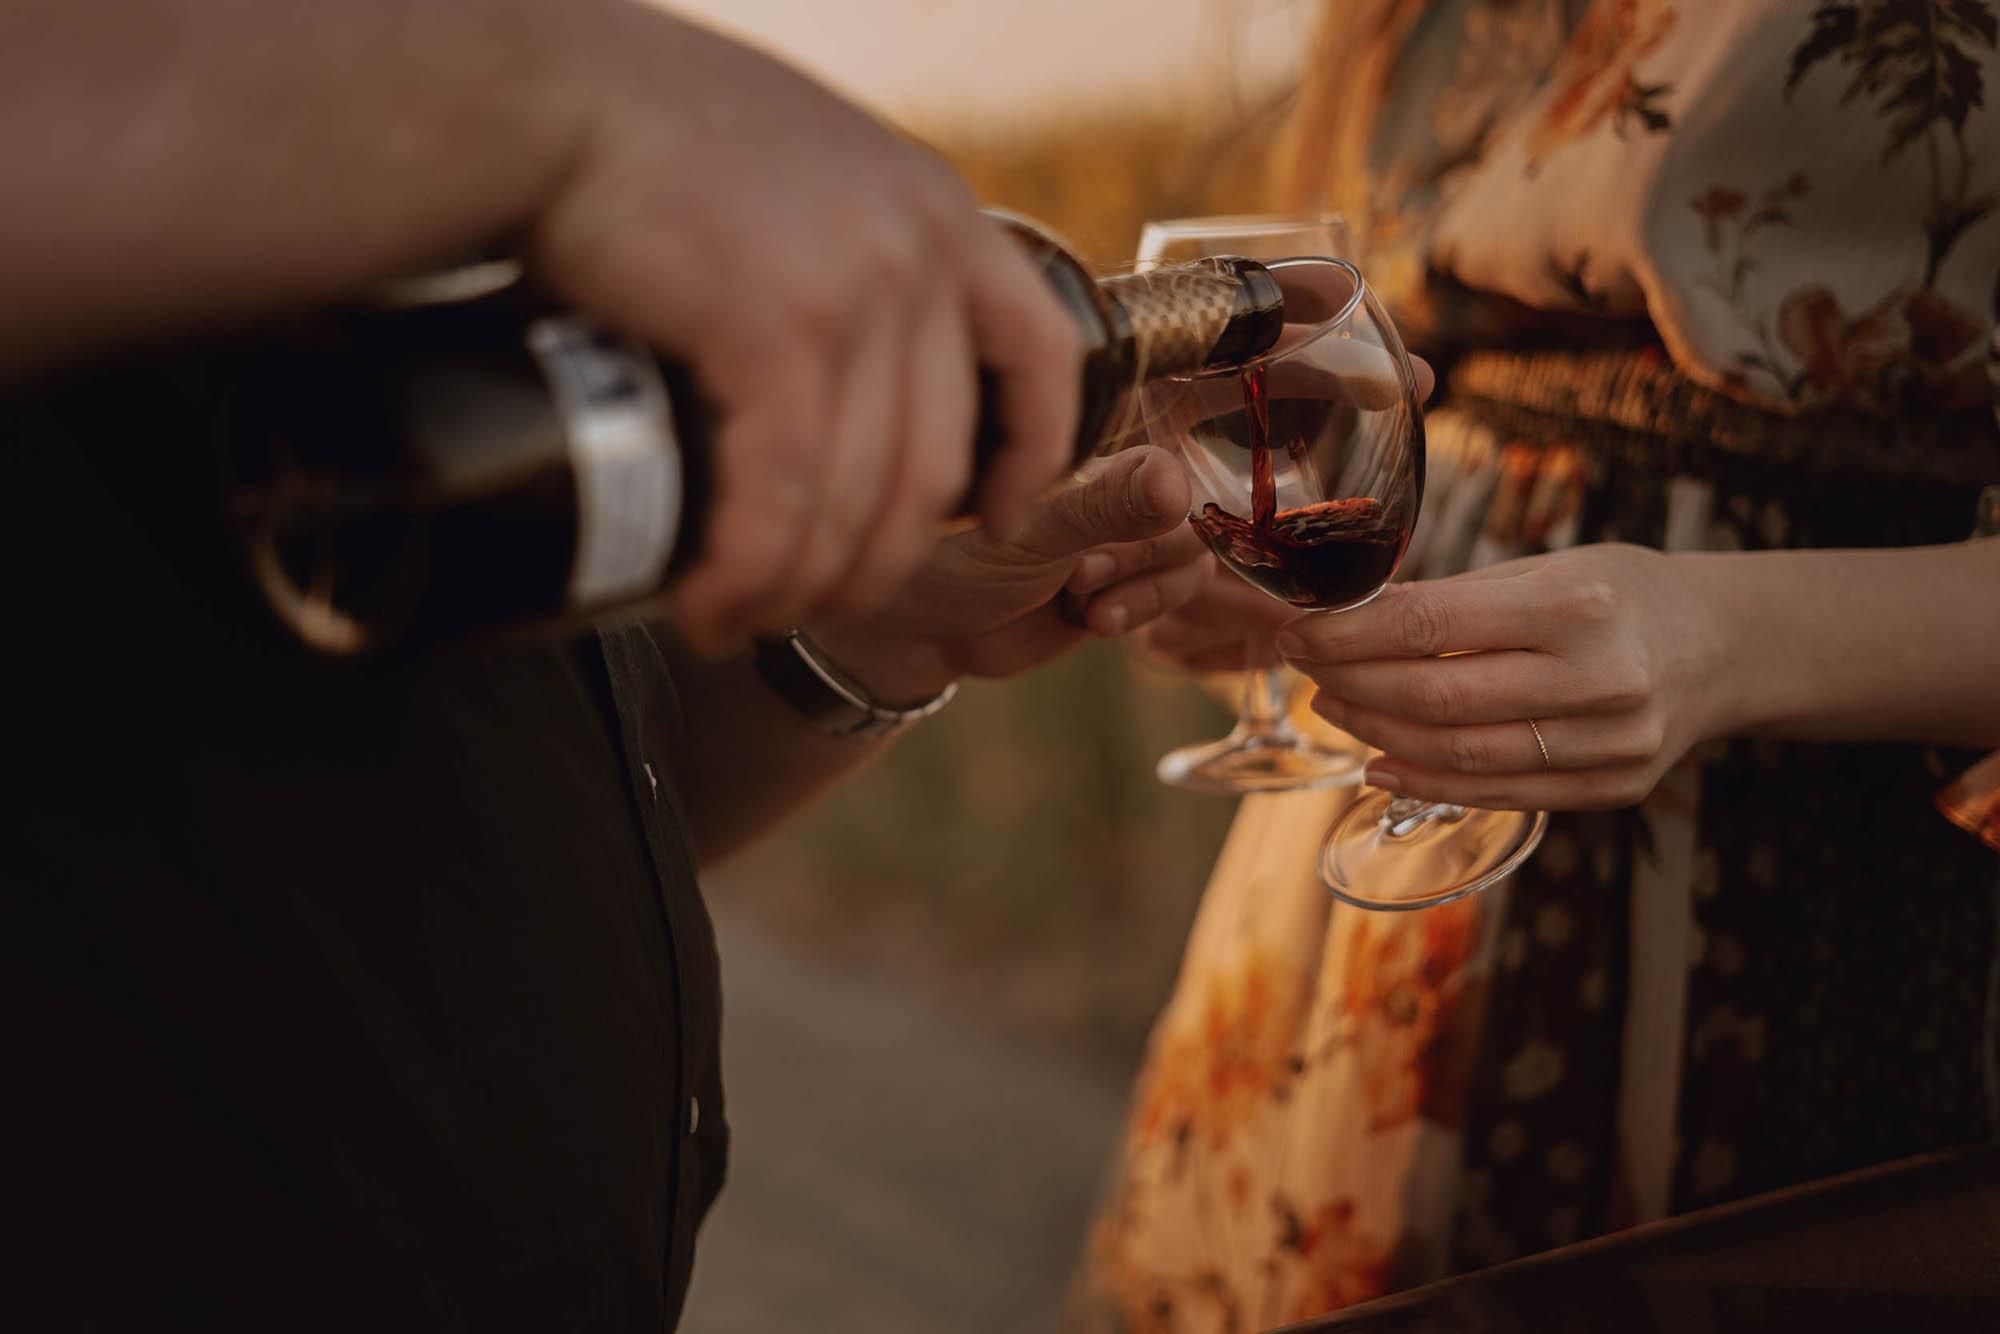 Sesja narzeczenska rzepak kielce 00039 - Sesja narzeczeńska z lampką wina